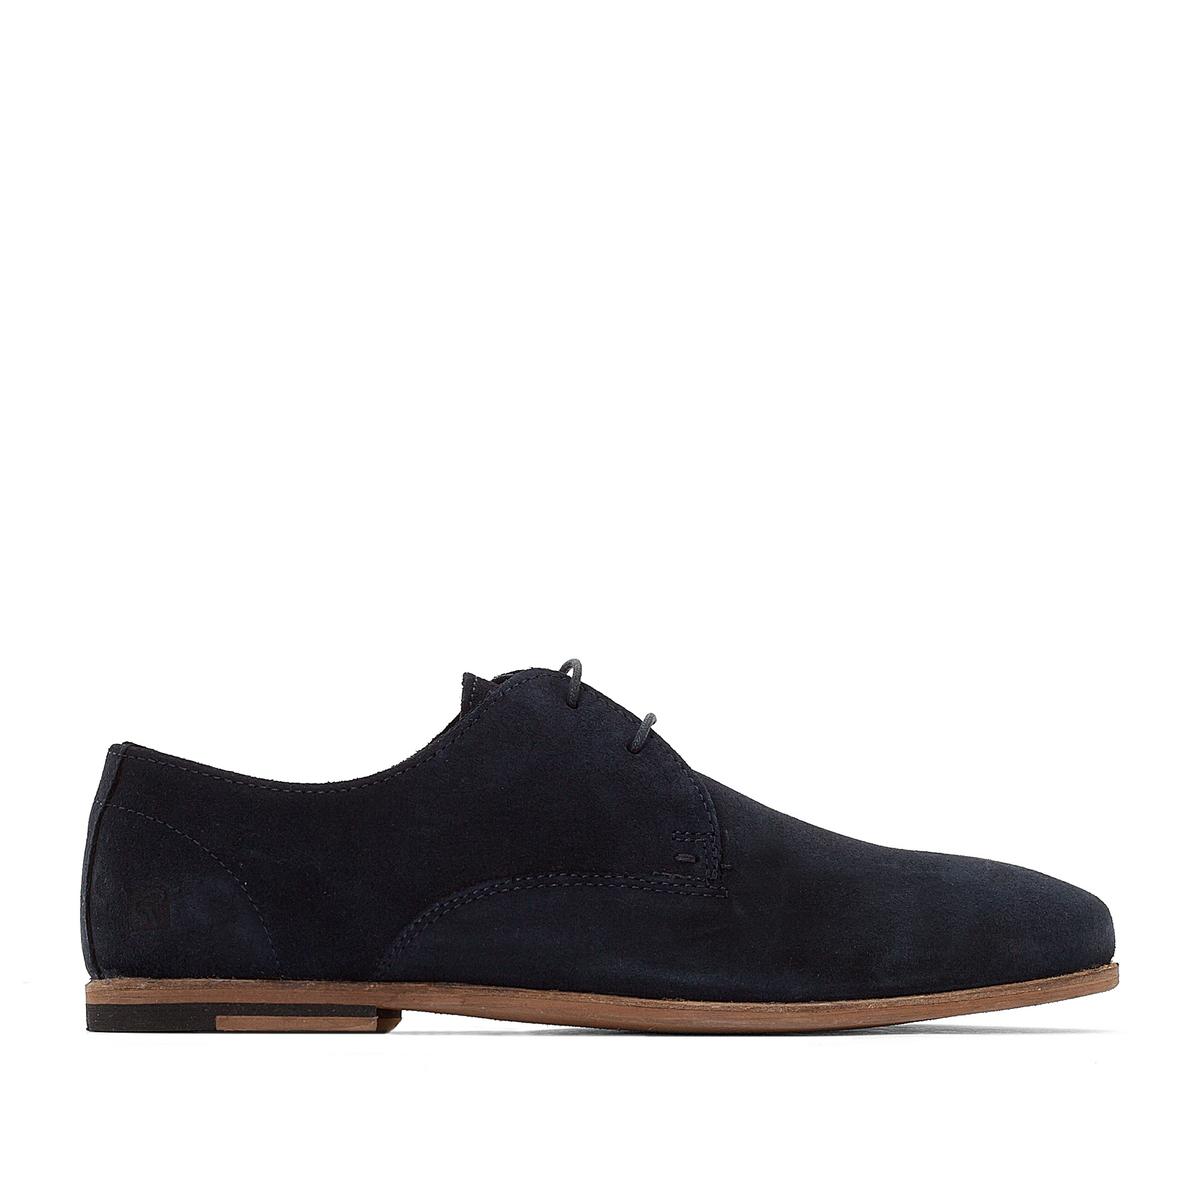 Ботинки-дерби WesselВерх : велюр         Подкладка : без подкладки         Стелька : кожа         Подошва : полимер         Застежка : шнуровка<br><br>Цвет: серый,темно-синий